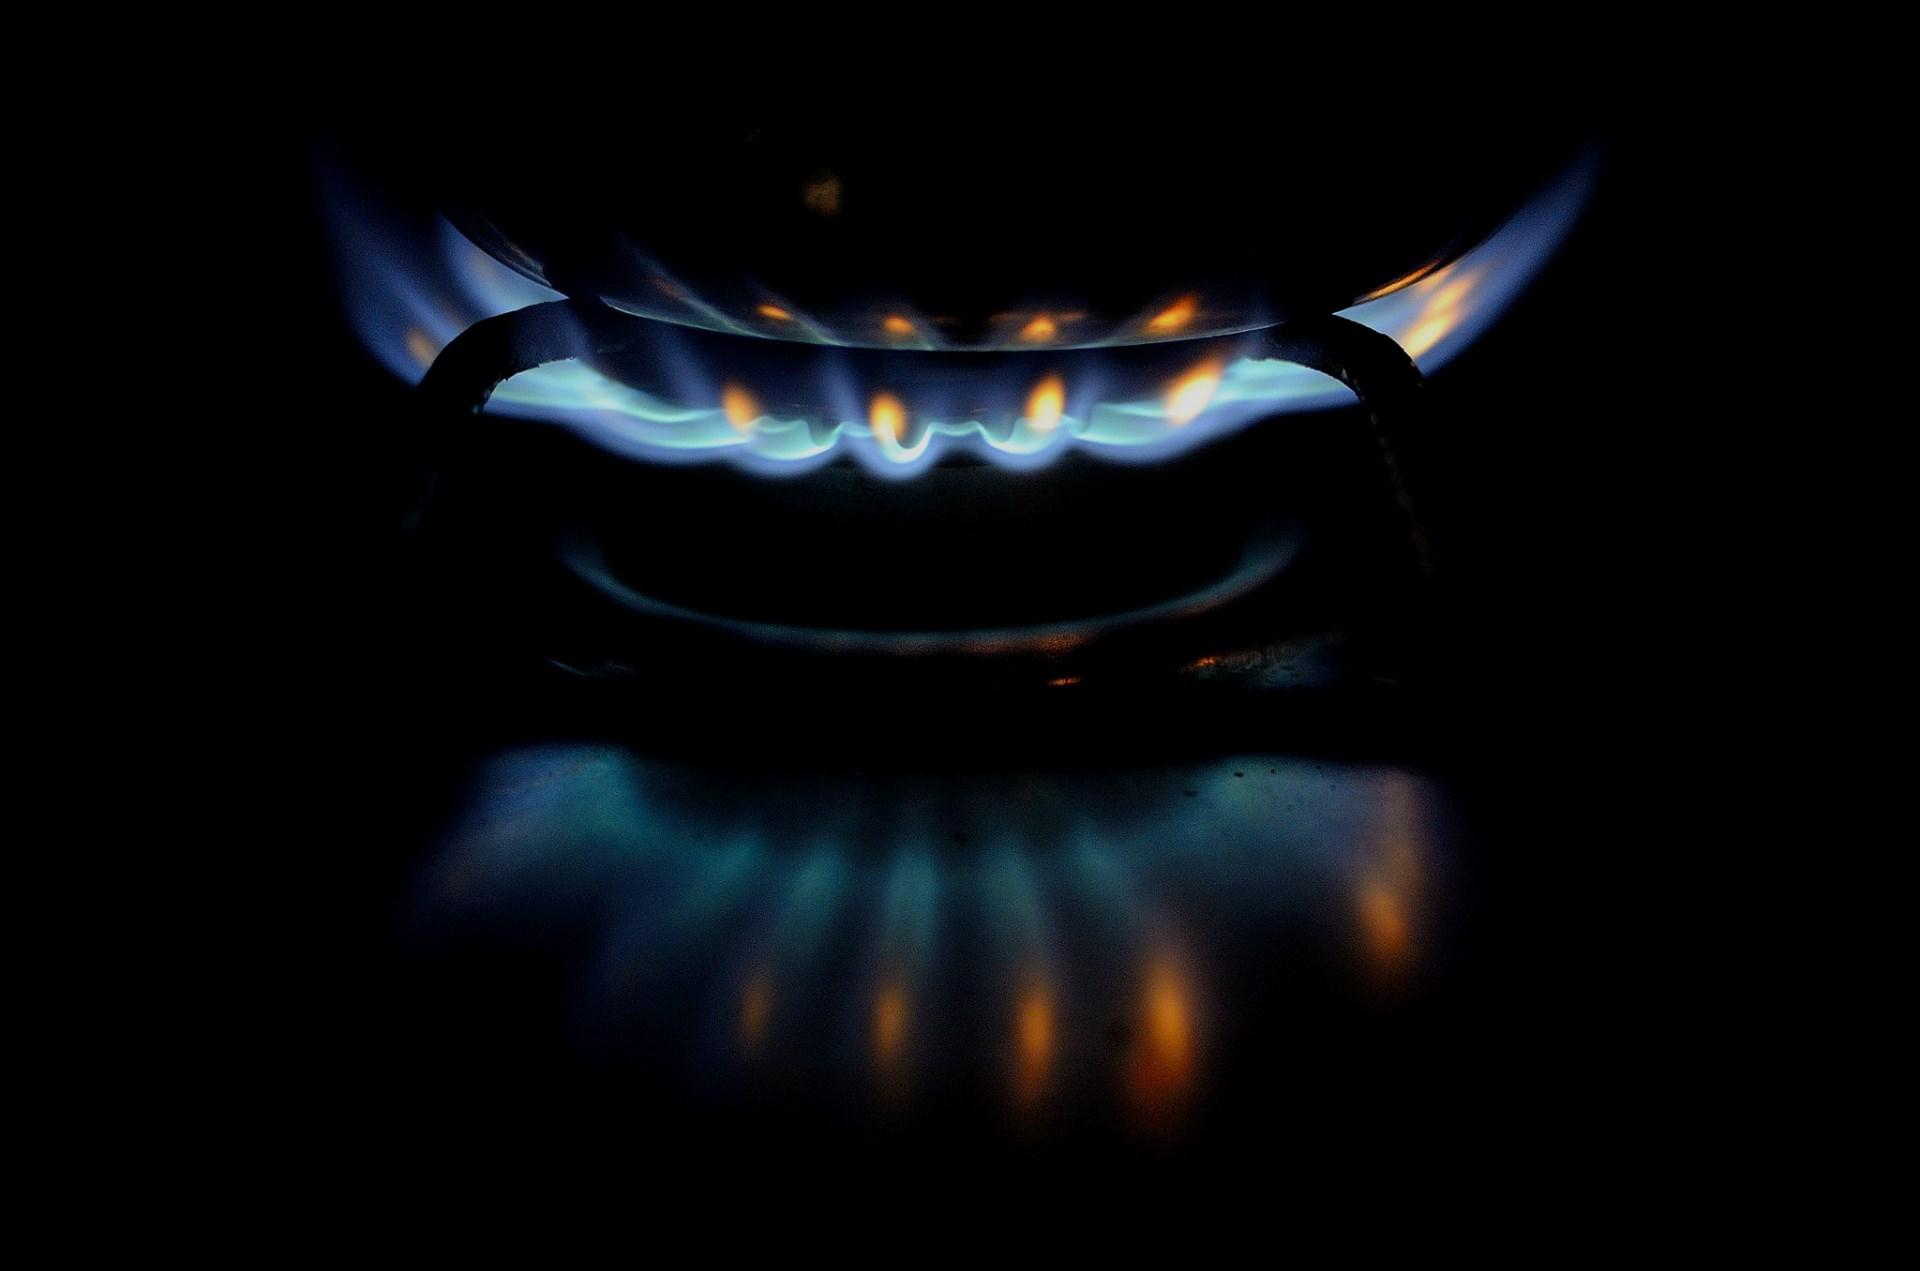 plyn, plynařské práce